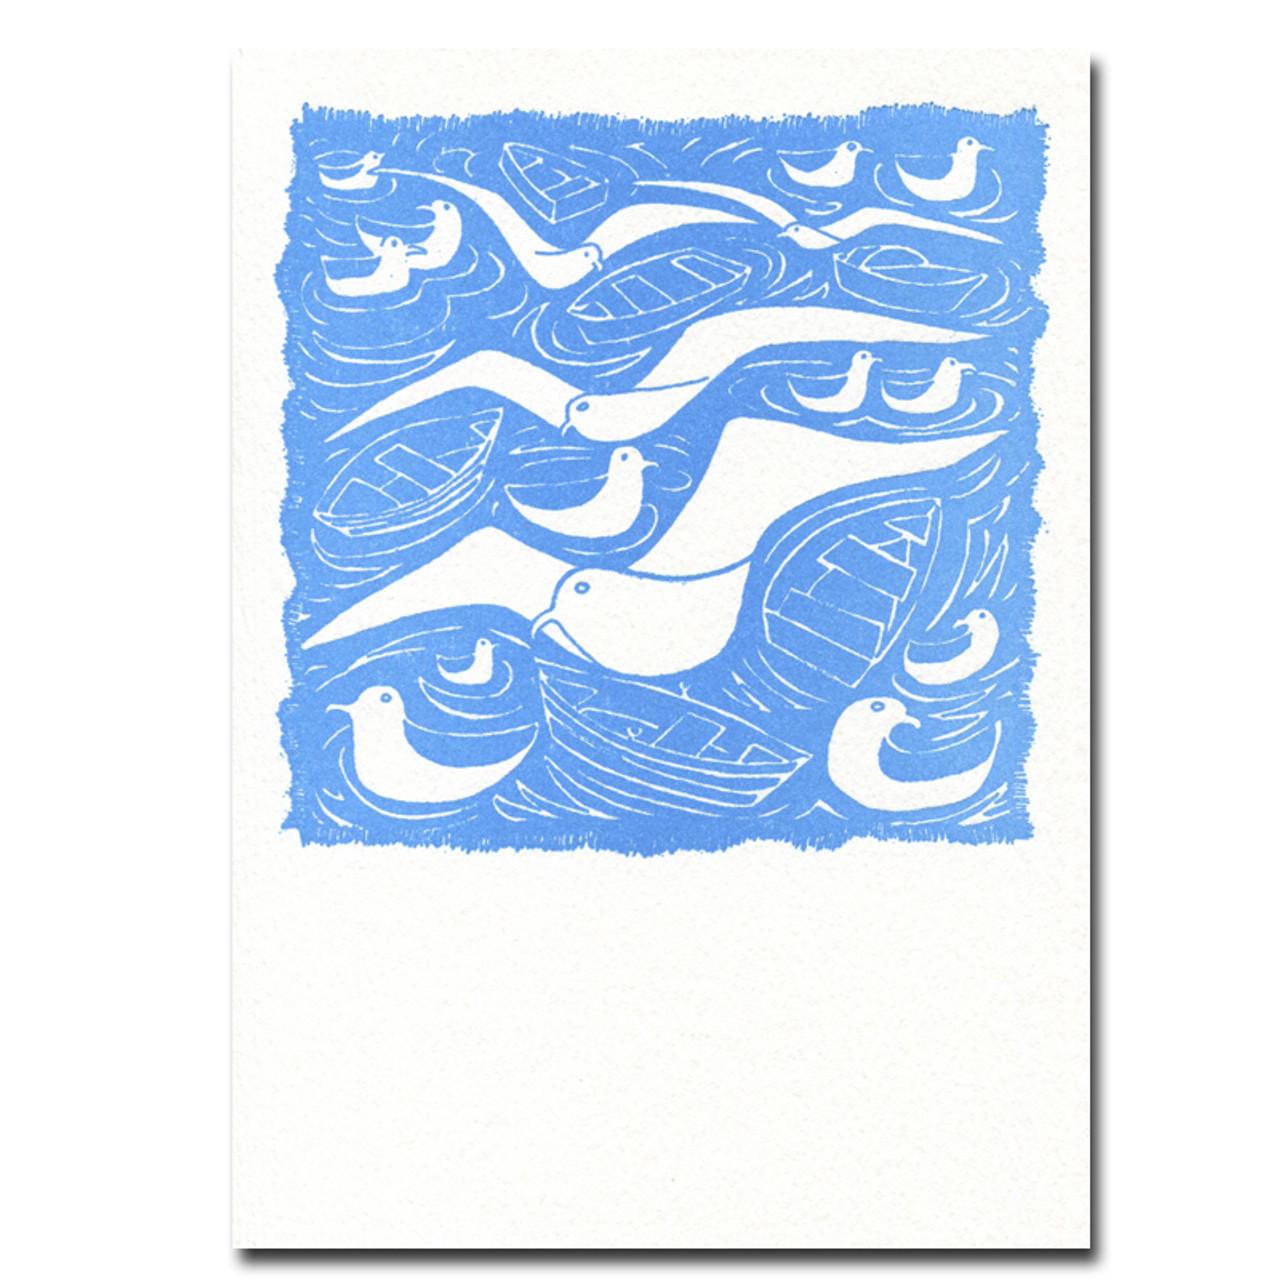 Saturn Press Letterpress Card, Gulls